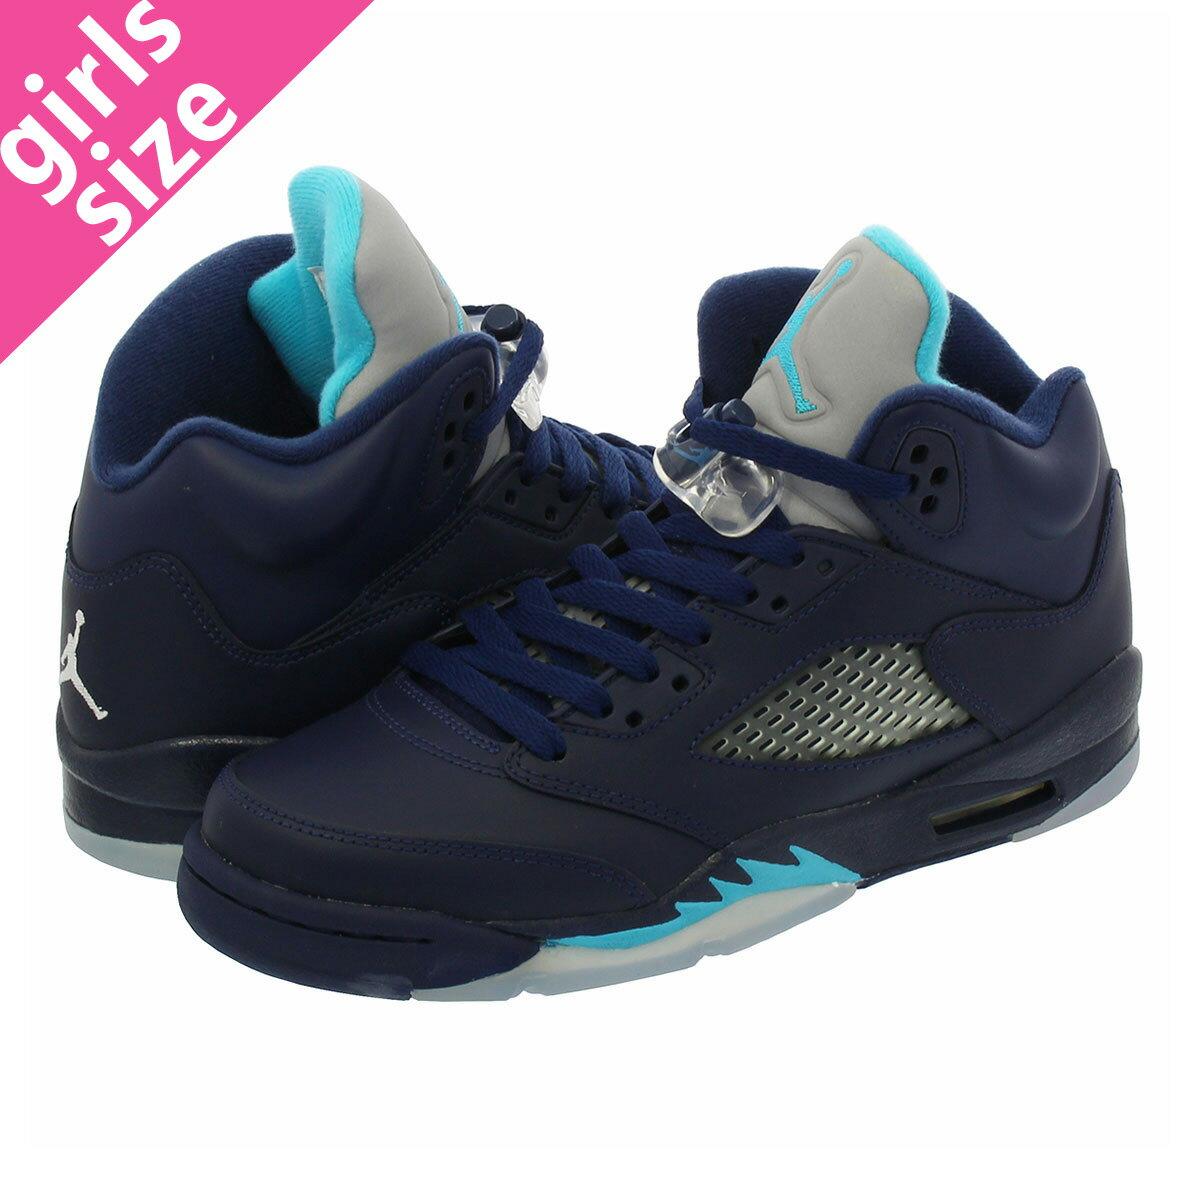 レディース靴, スニーカー NIKE AIR JORDAN 5 RETRO BG HORNETS 5 BG MIDNIGHT NAVYTURQUOISE BLUEWHITE 440888-405